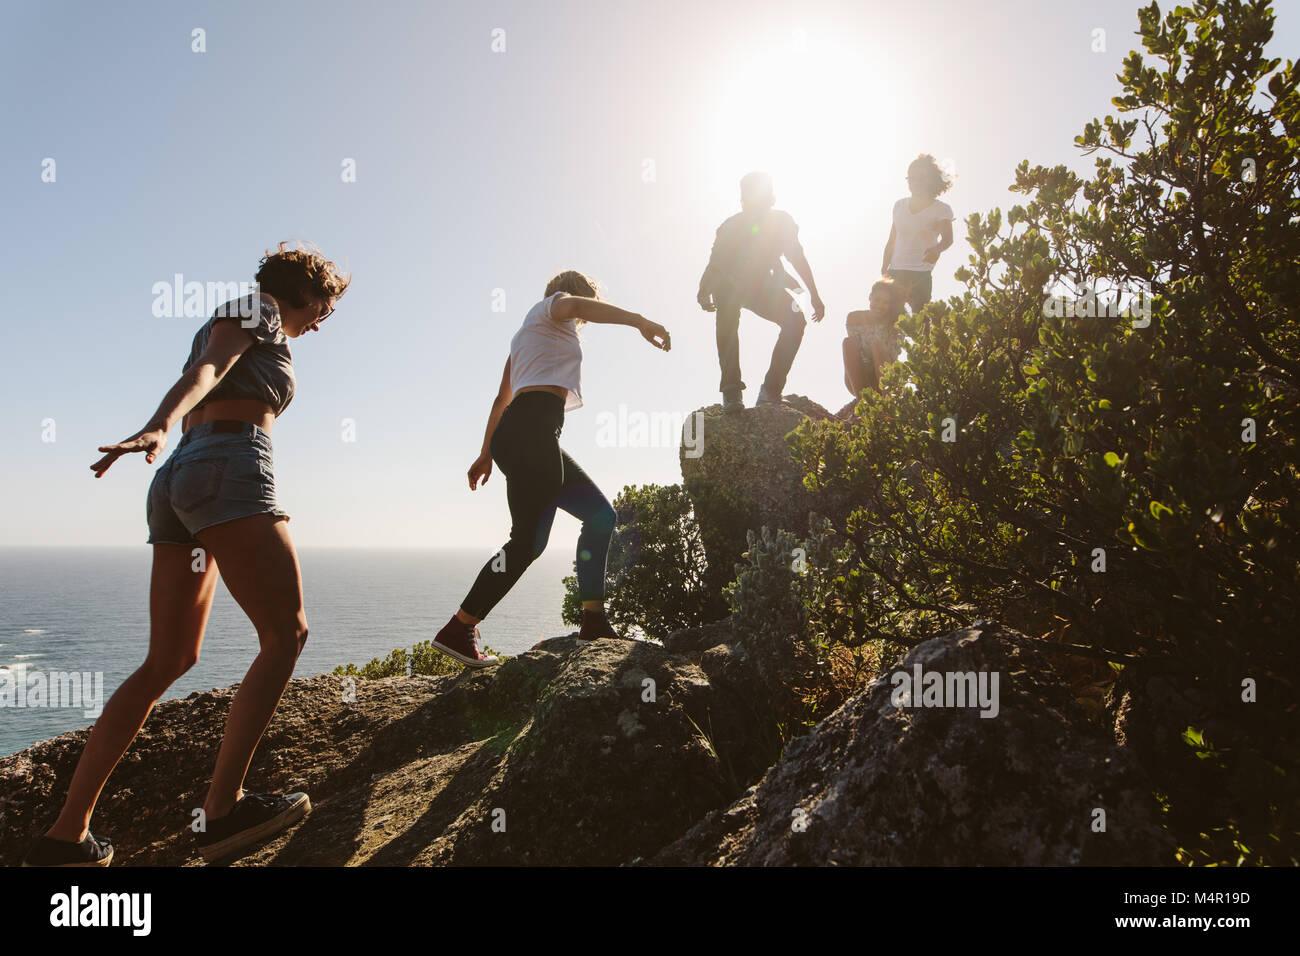 Eine Gruppe von Freunden auf einem Berg. Junge Menschen auf der Wanderung an einem Sommertag. Männer und Frauen Stockbild